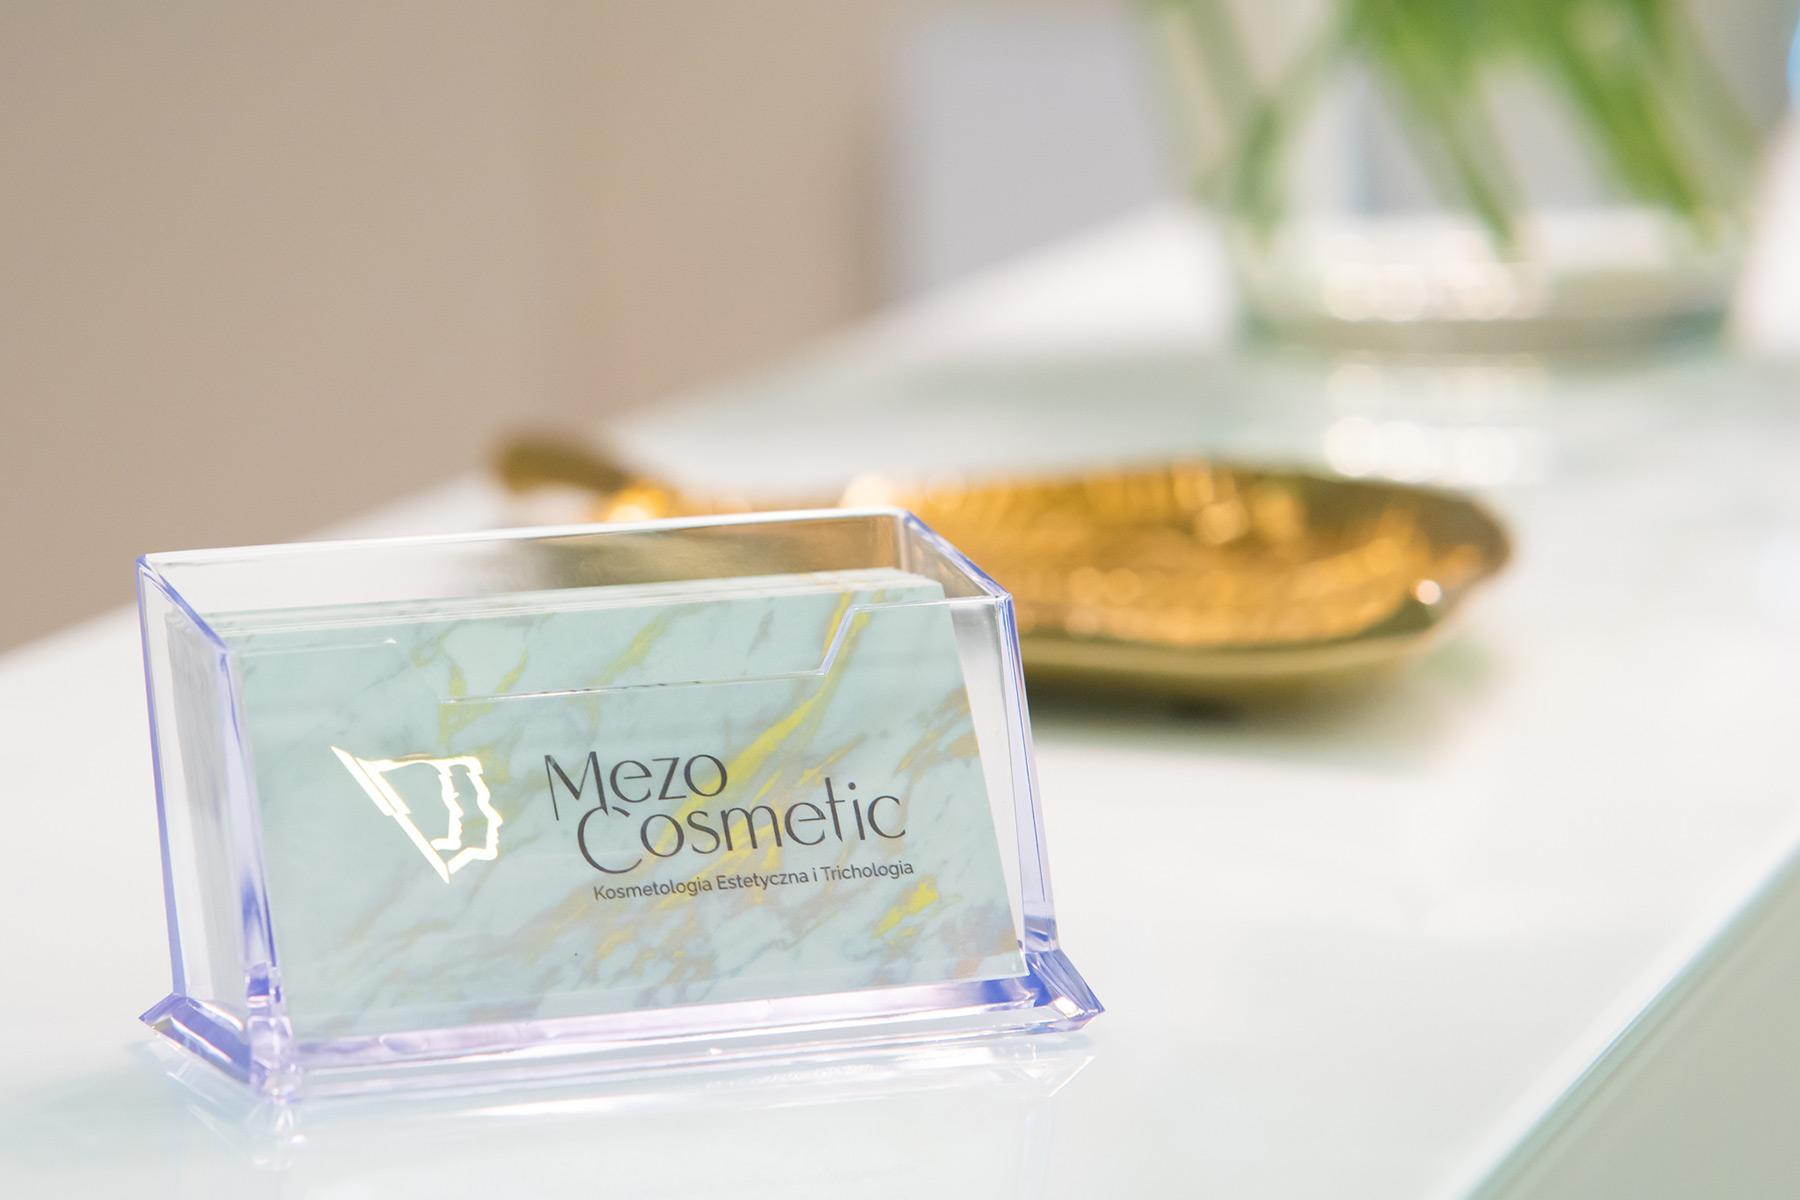 MezoCosmetic-gabient-kosmetologii-estetycznej-trichologii